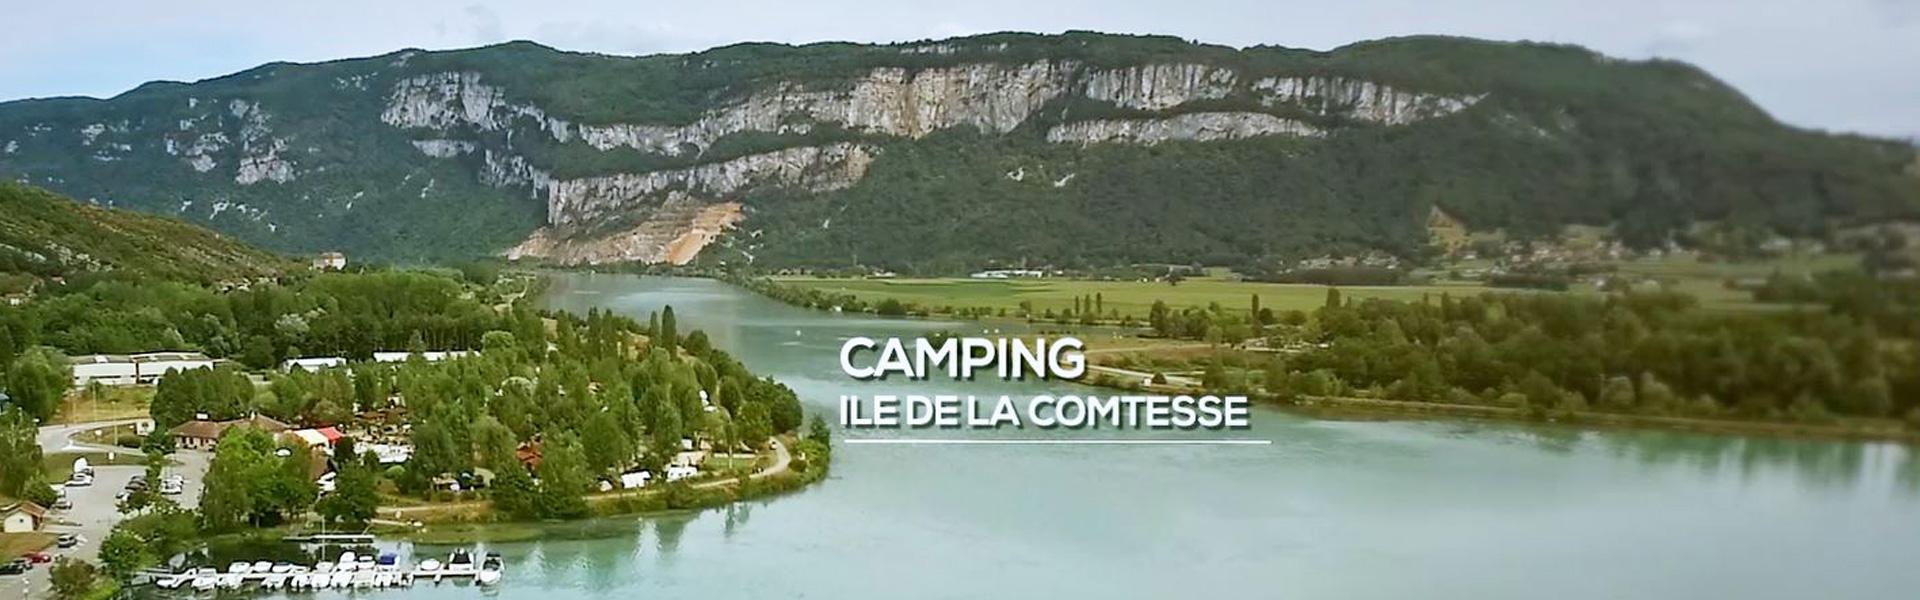 coups de coeur autour du camping ile de la comtesse